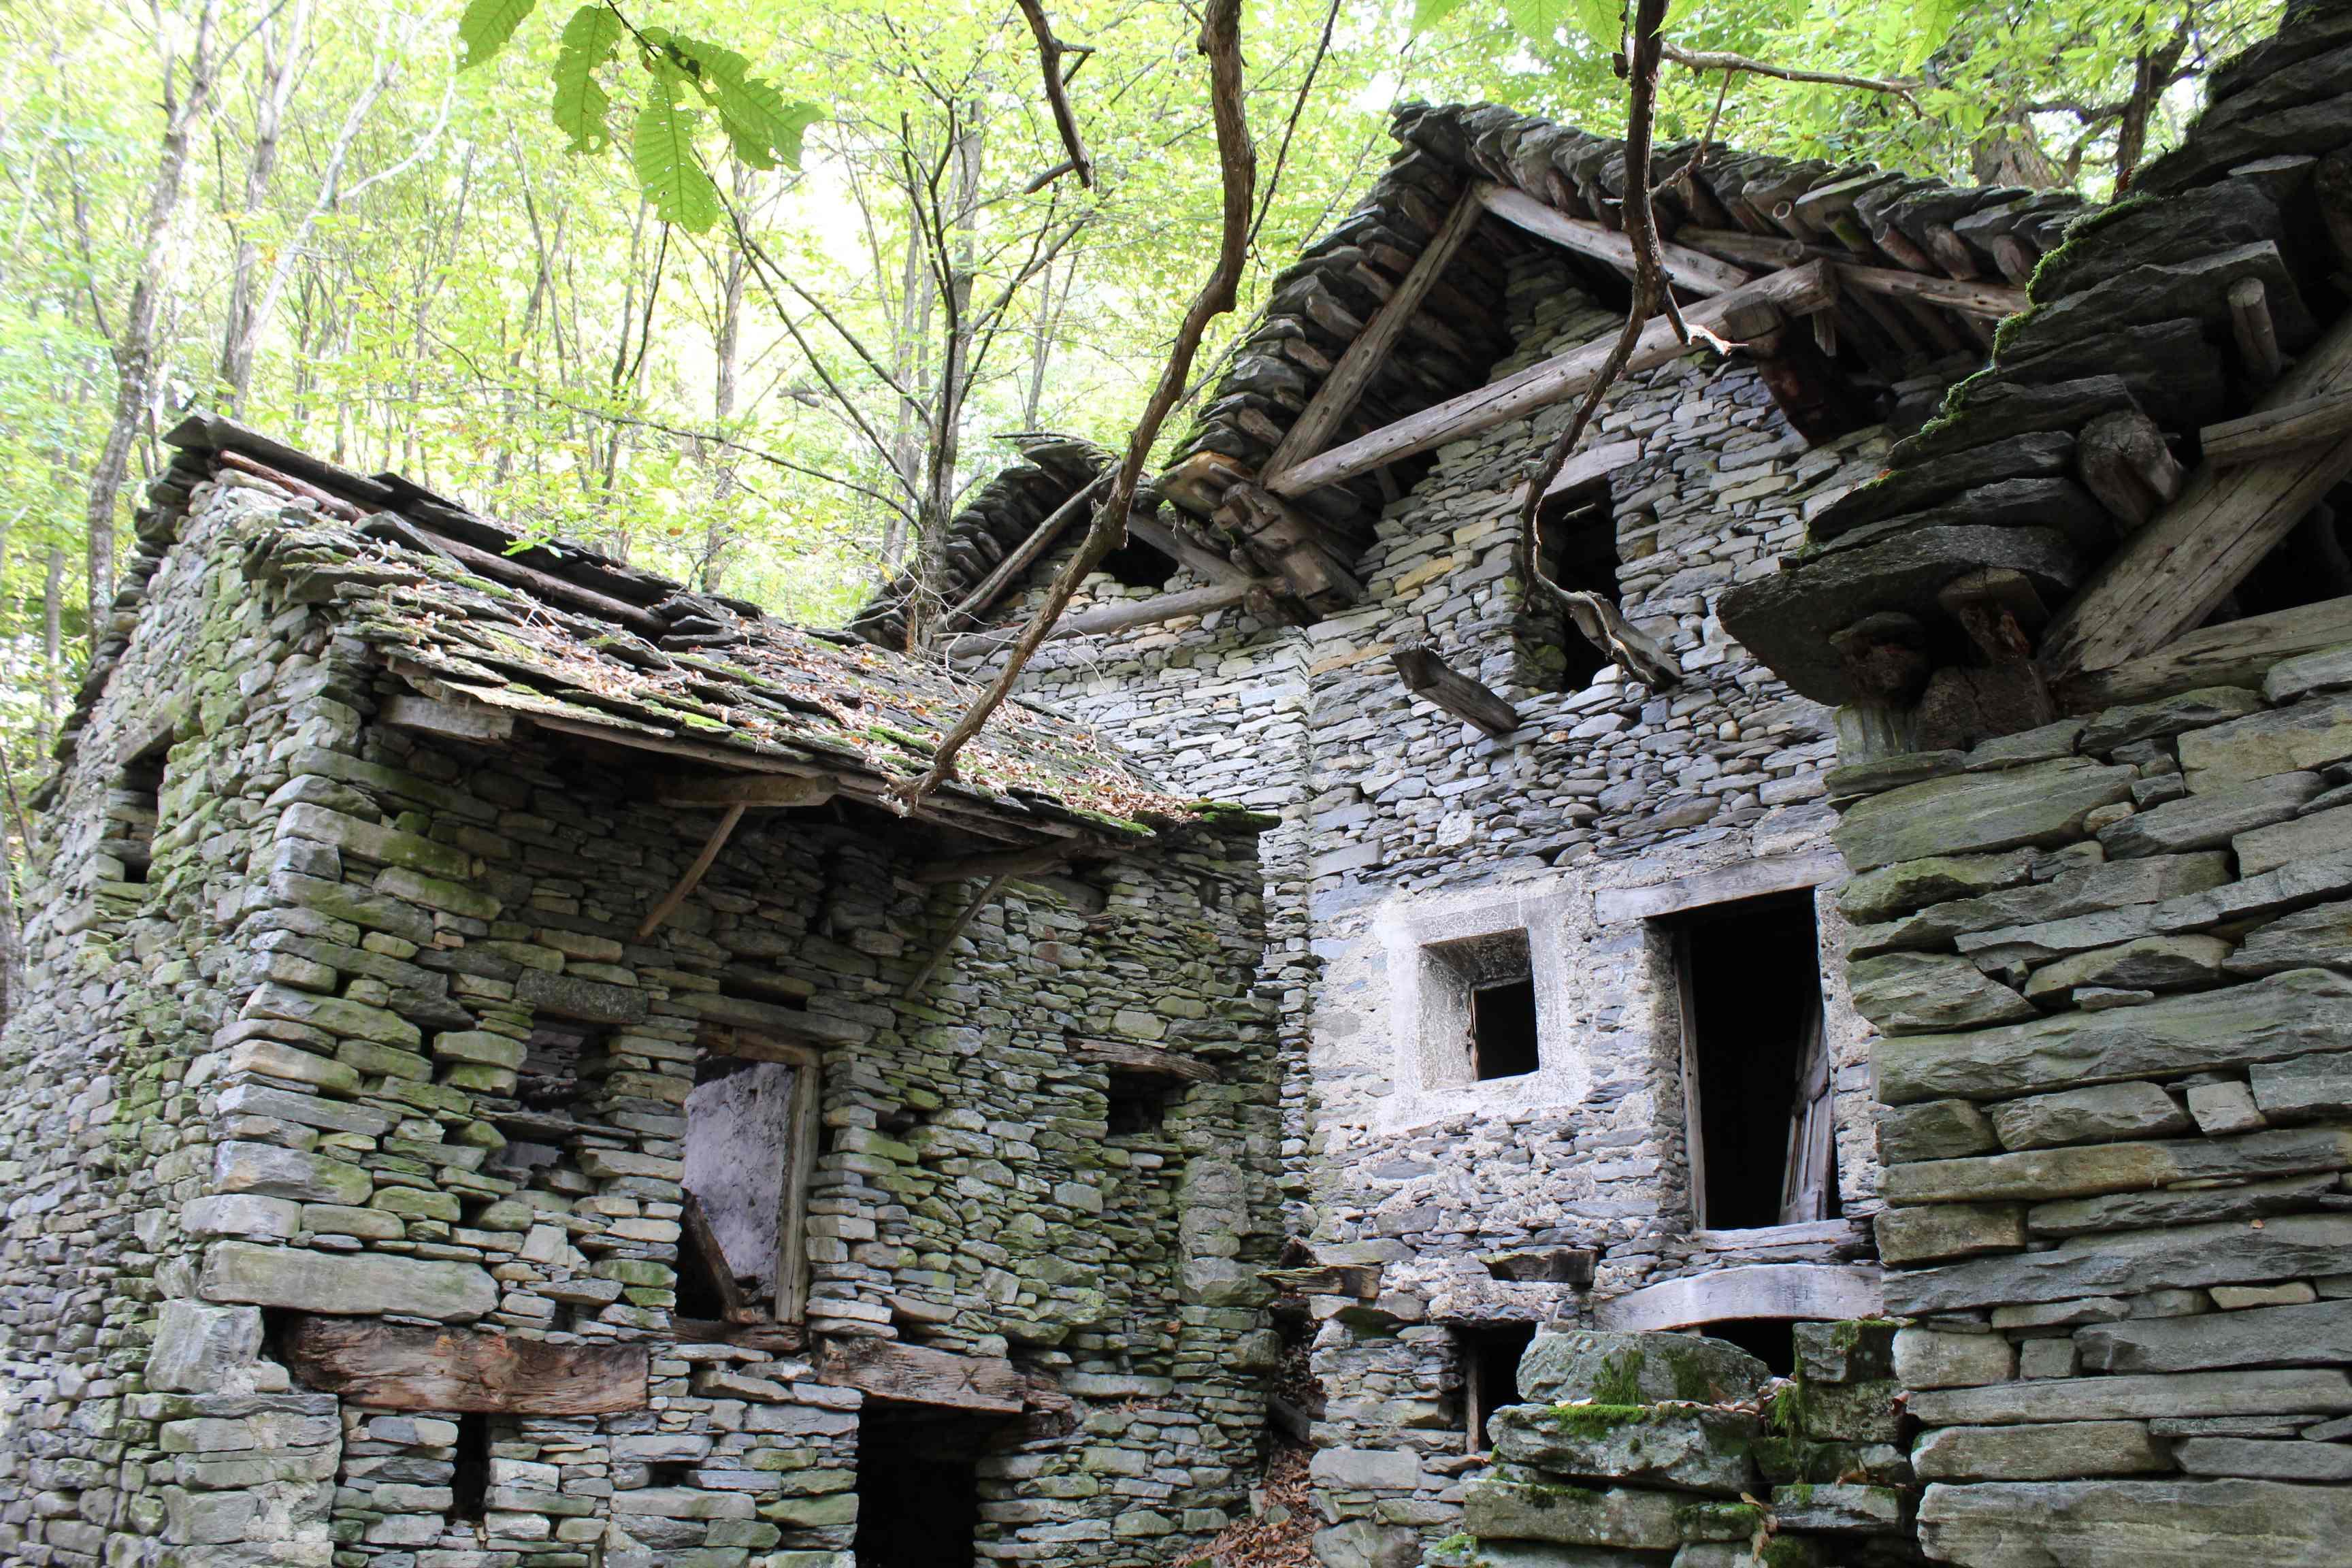 Azione settimanale di migros ticino di terrazzi e di for Case in pietra e tronchi